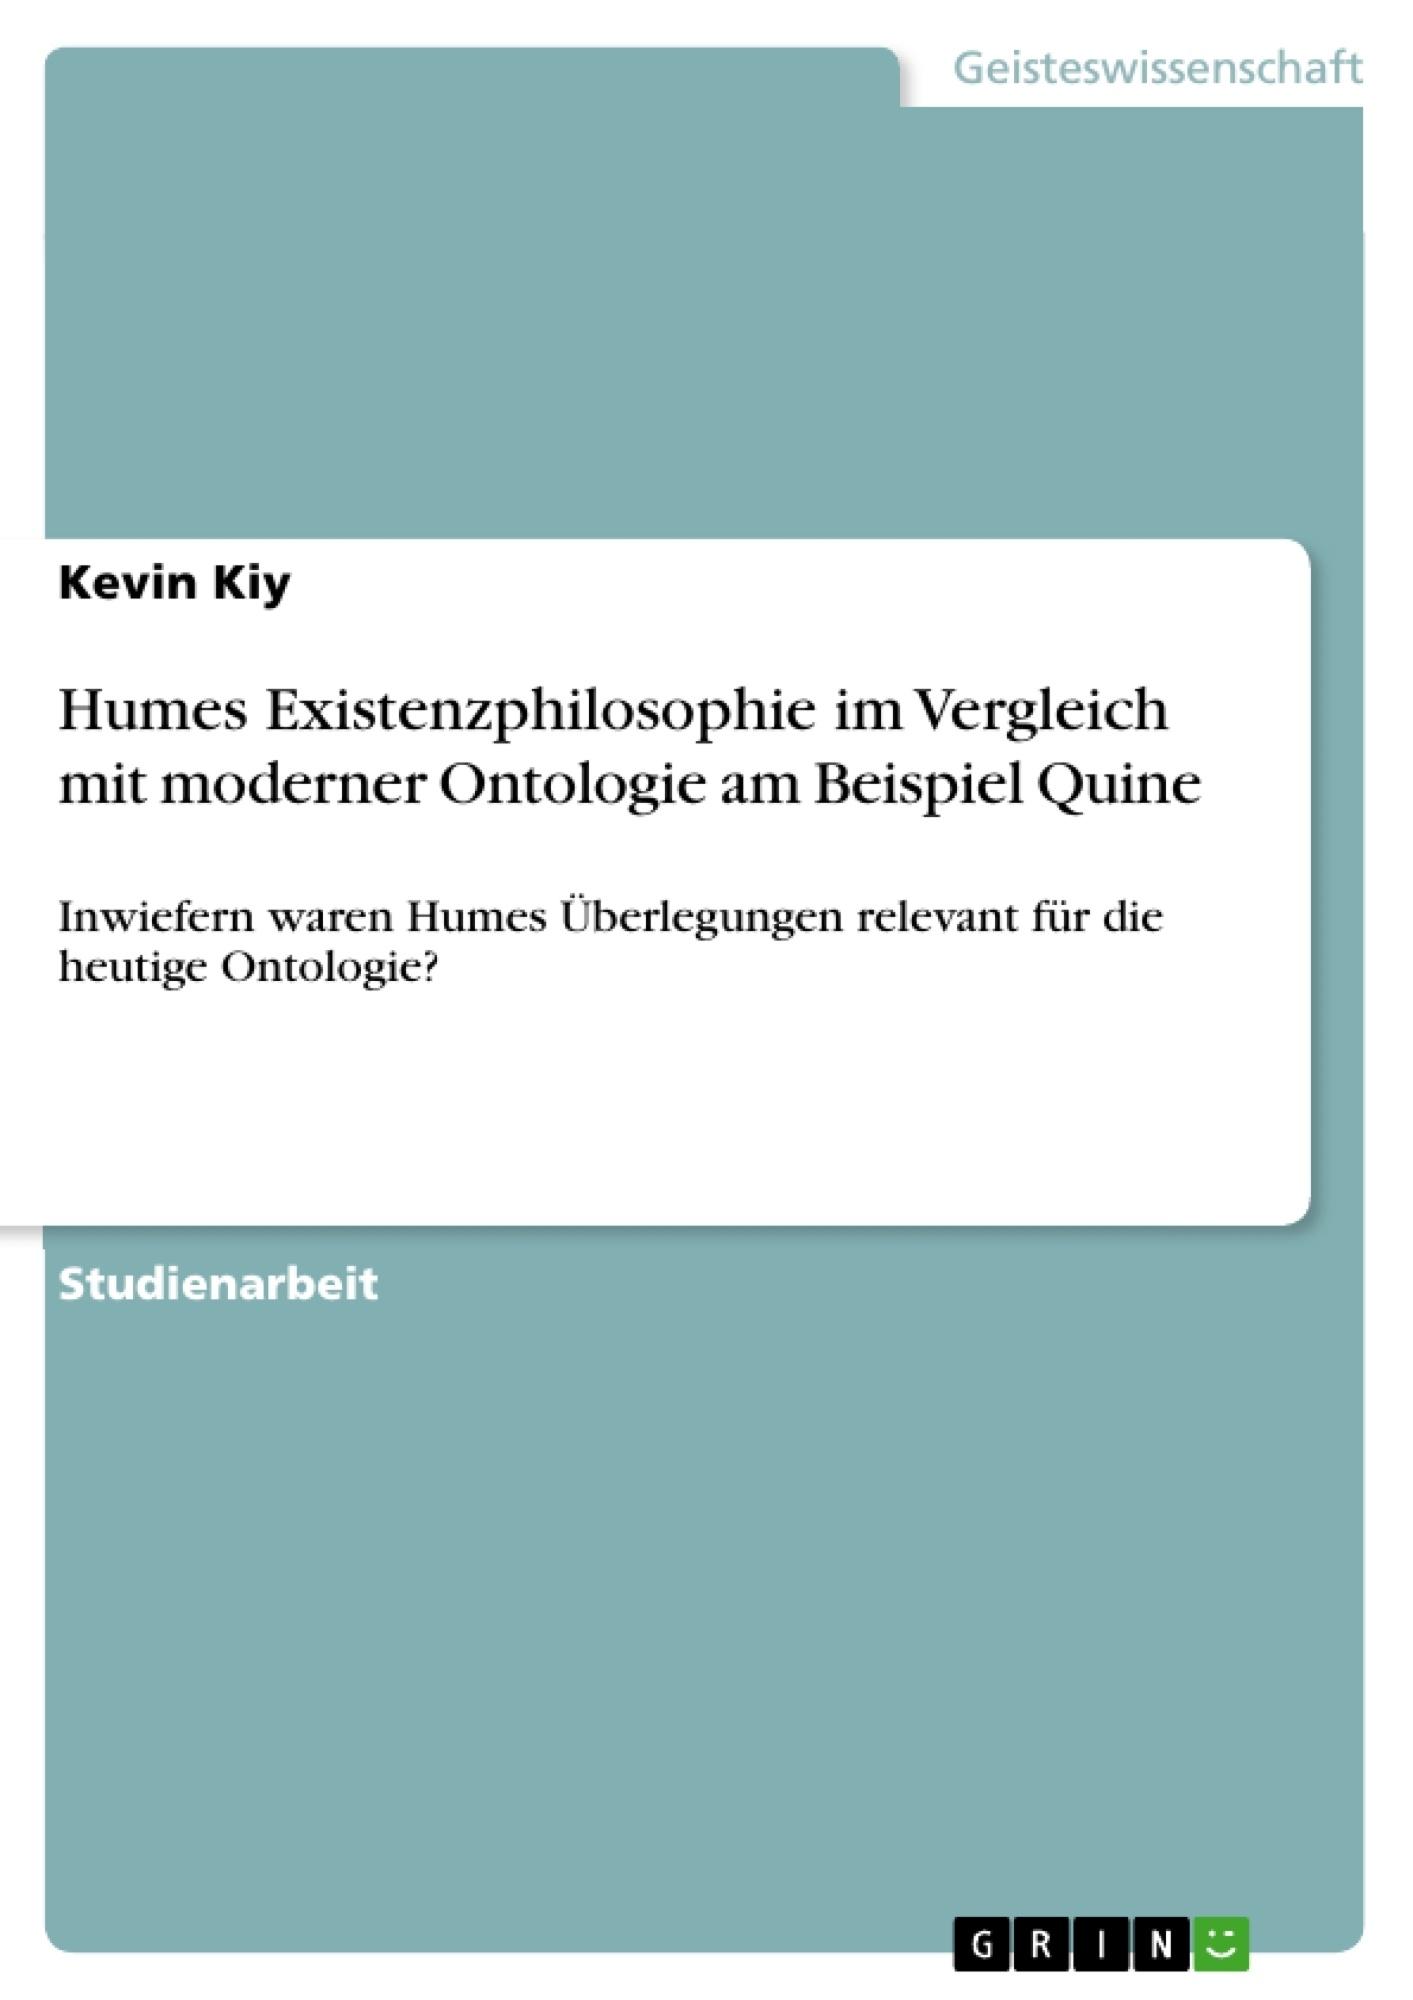 Titel: Humes Existenzphilosophie im Vergleich  mit moderner Ontologie am Beispiel Quine